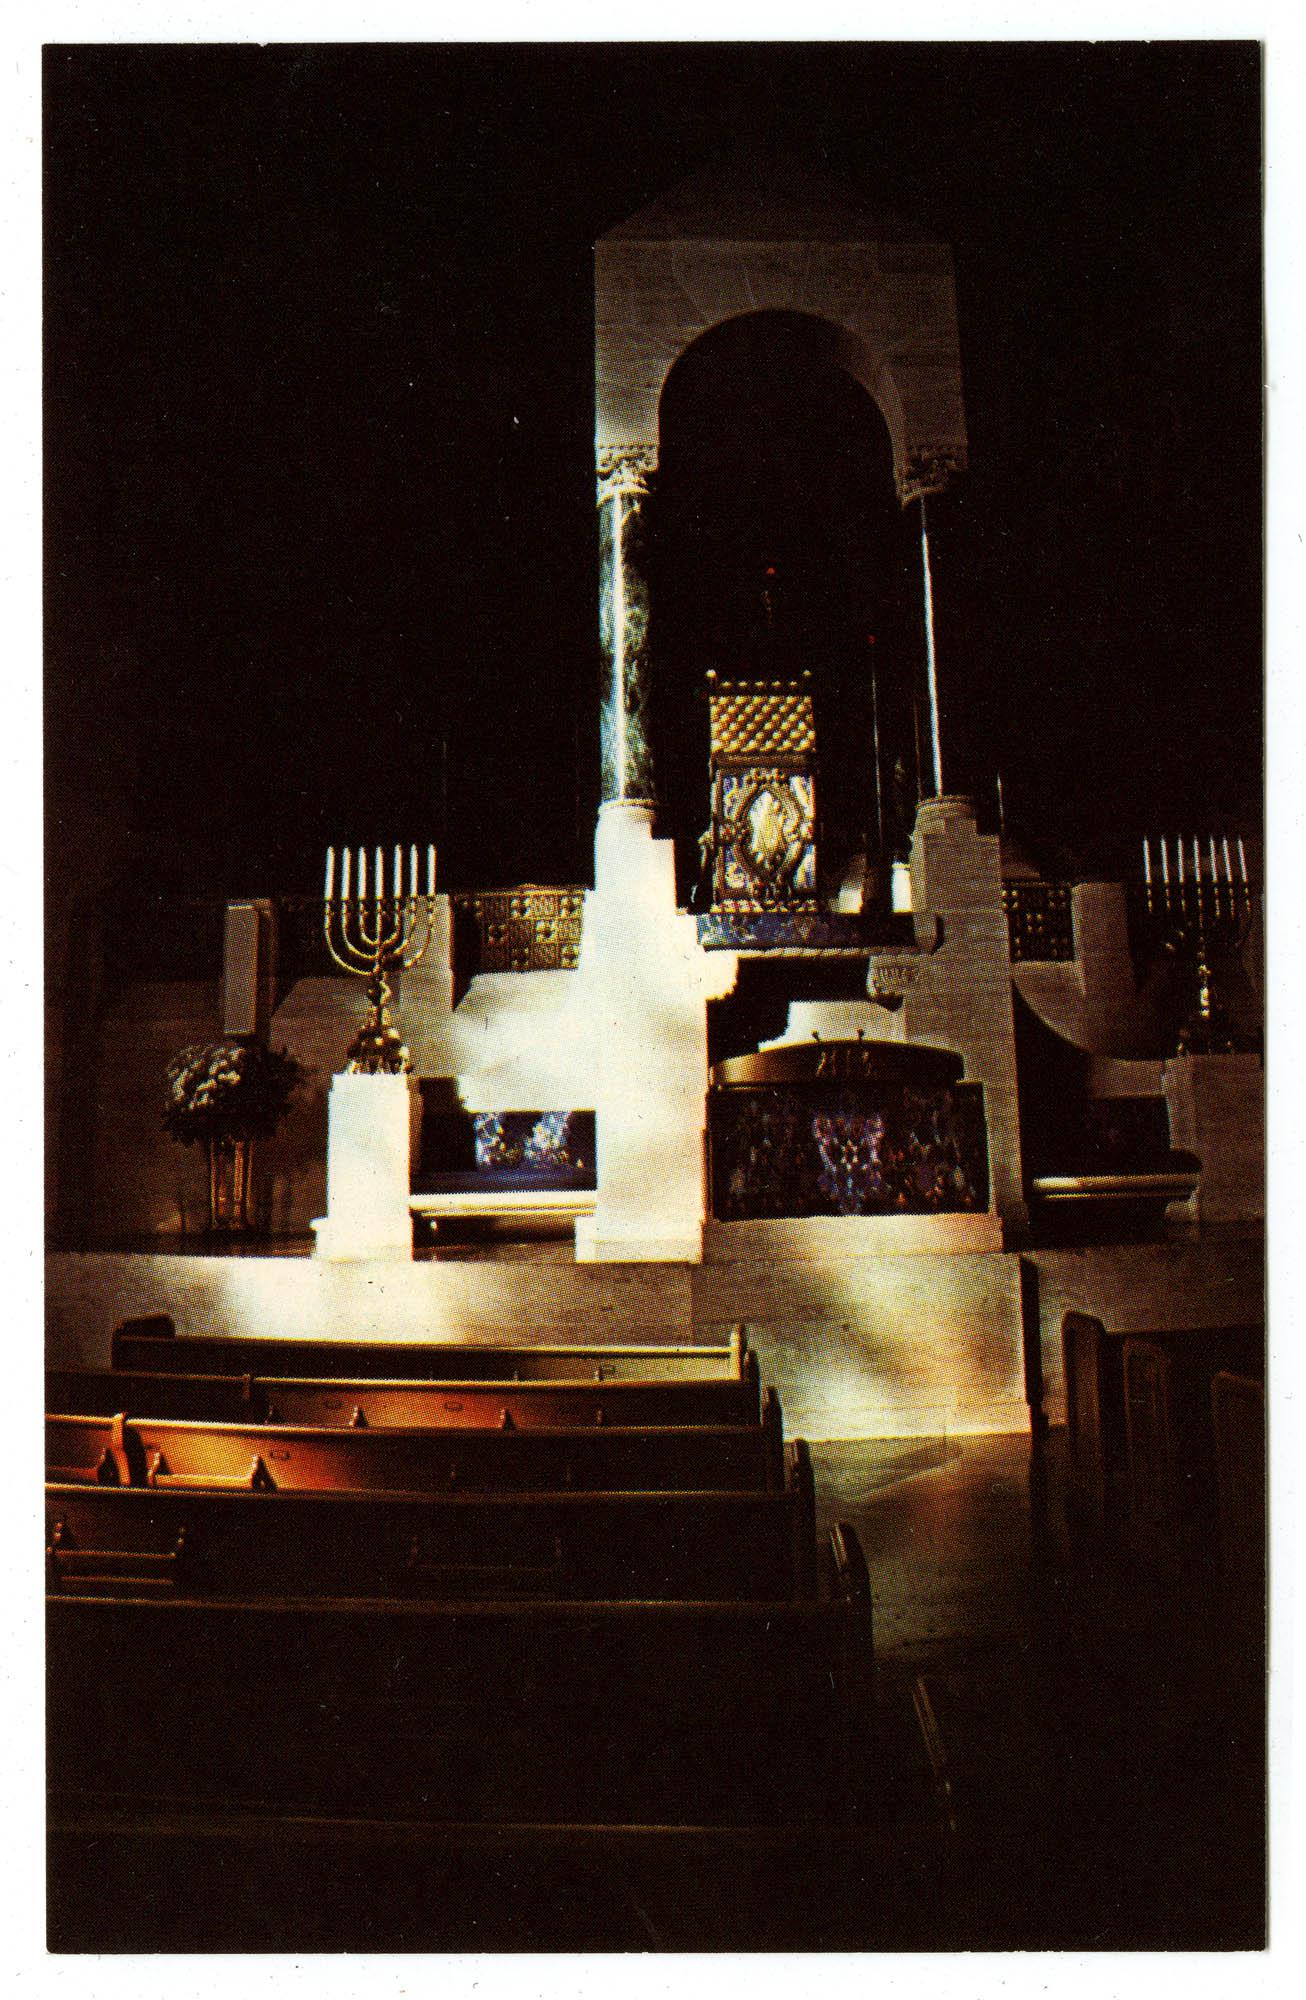 Temple Emanu-El, San Francisco, California